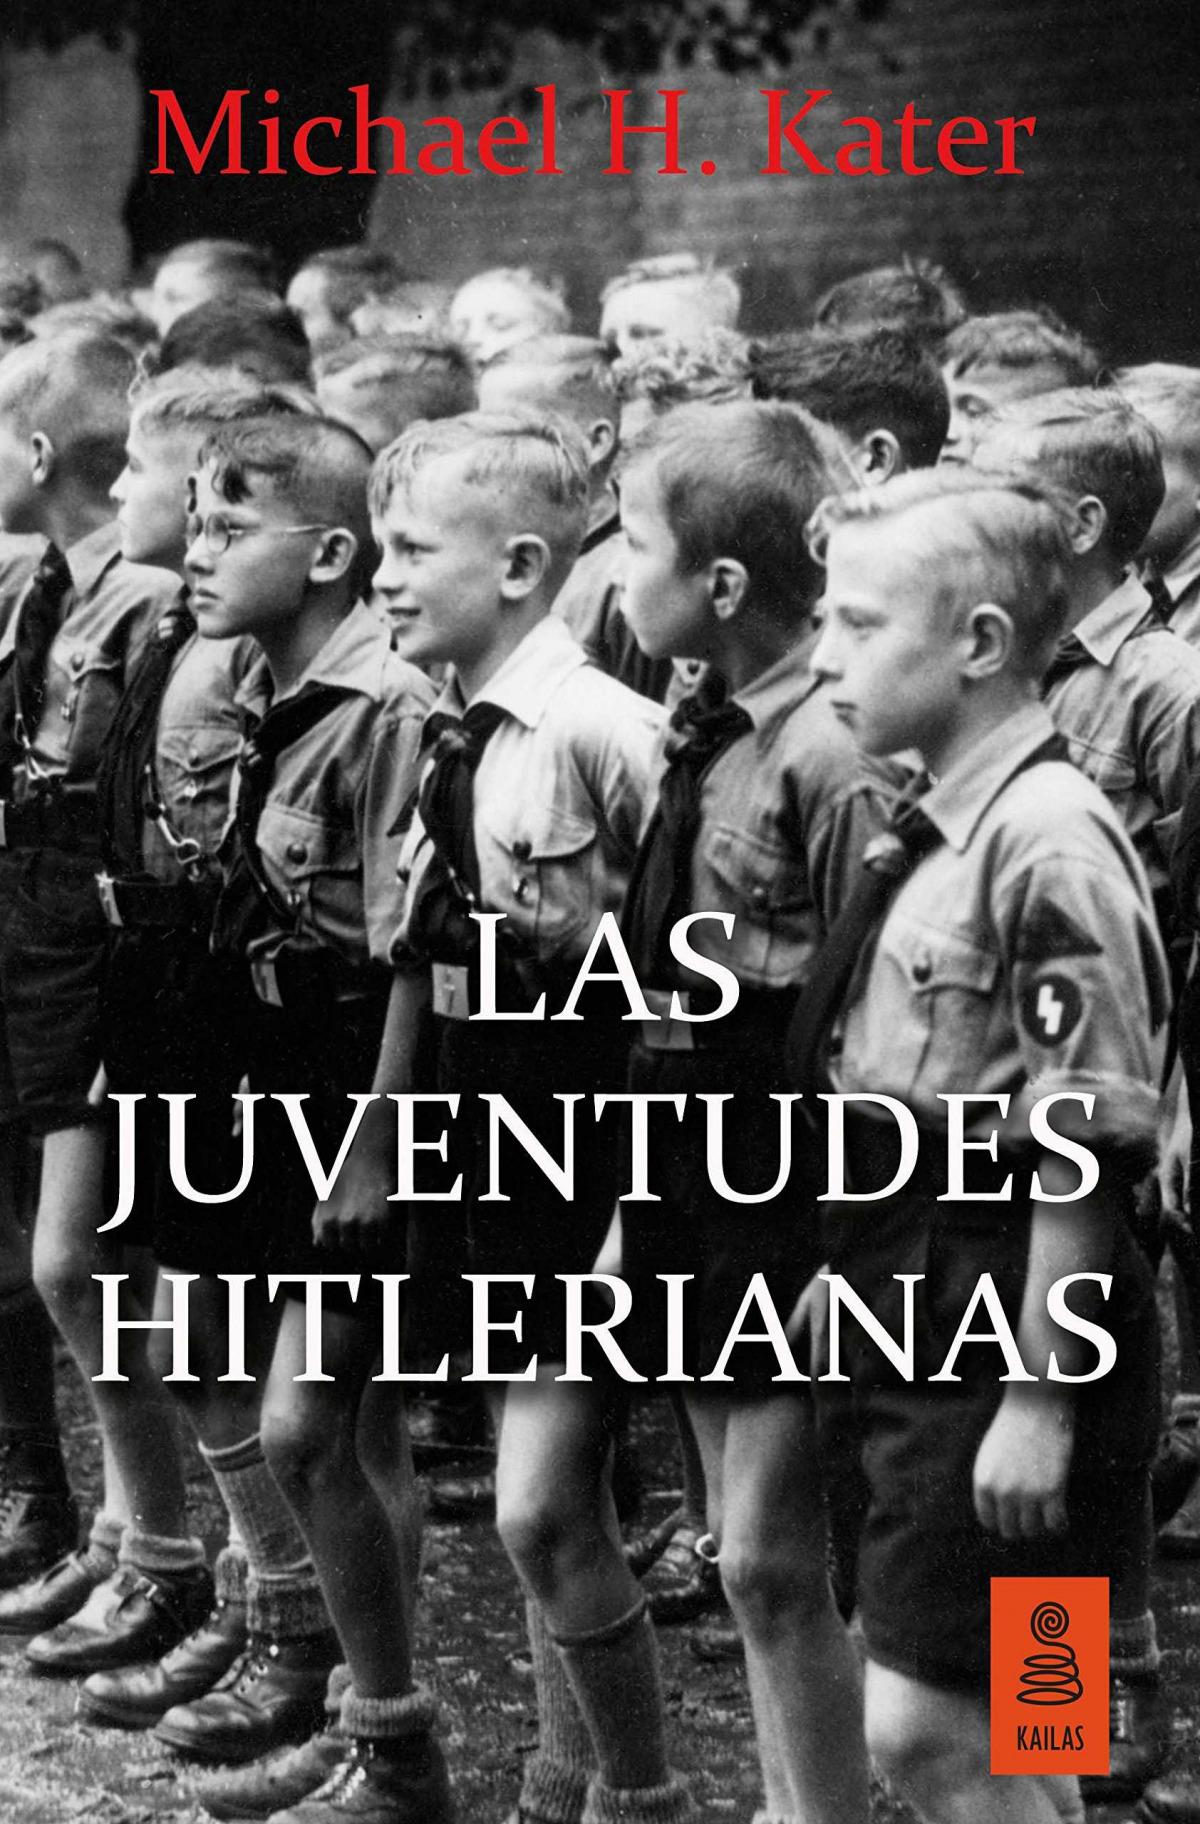 LAS JUVENTUDES HITLERIANAS 9788416523306